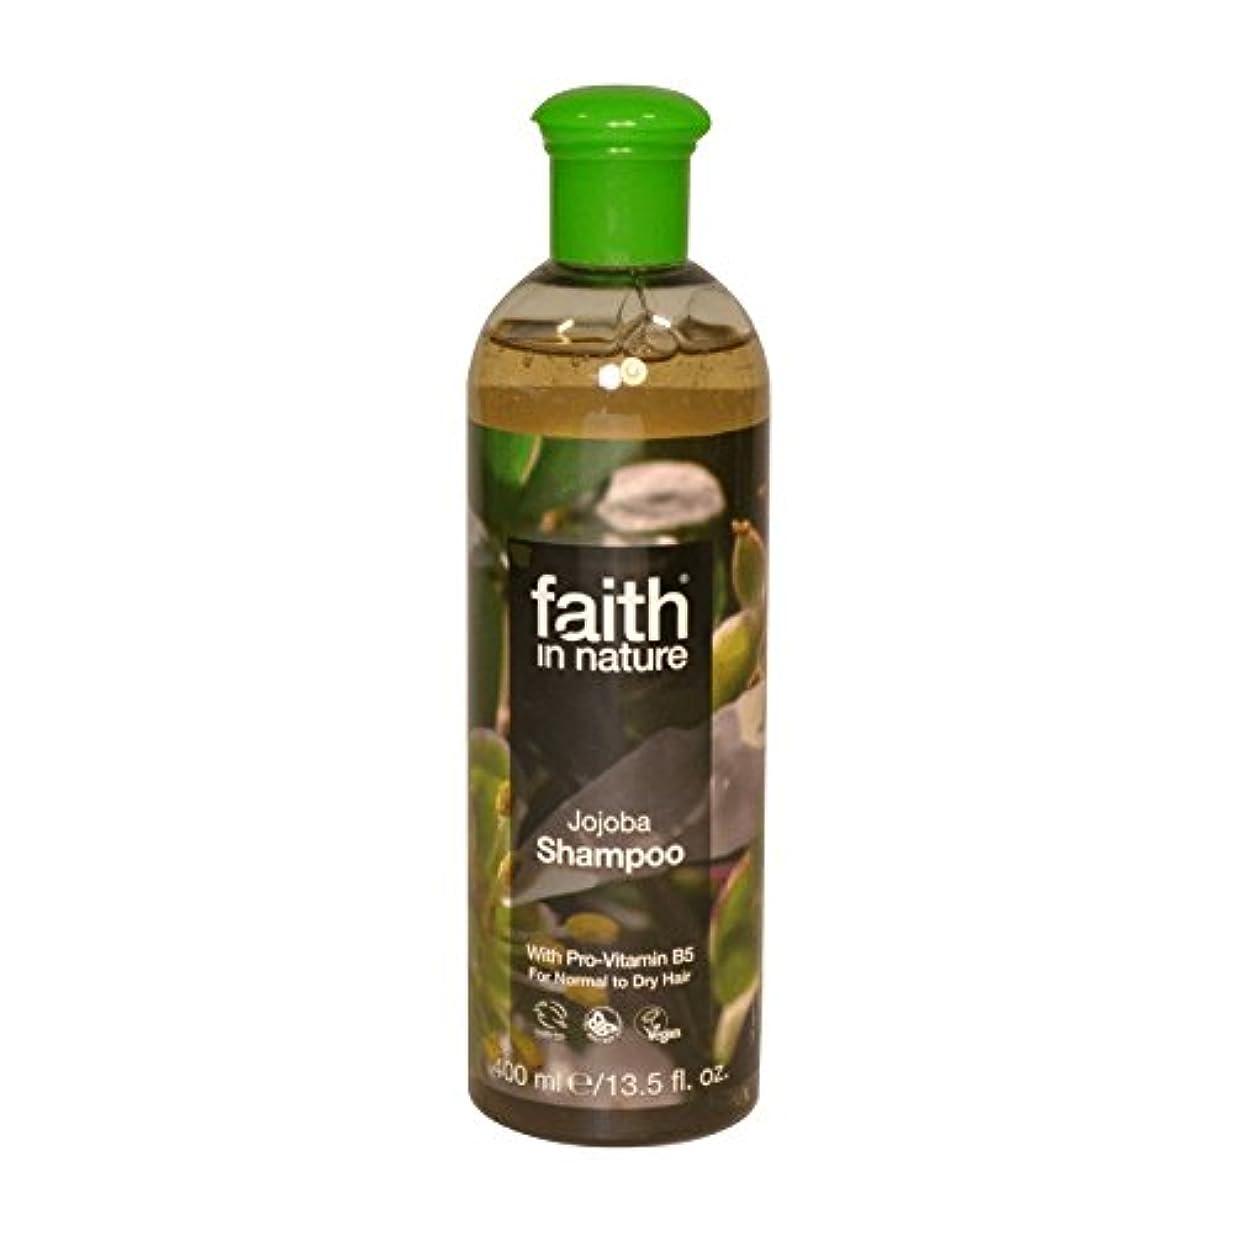 はねかける改修ピアノ自然ホホバシャンプー400ミリリットルの信仰 - Faith in Nature Jojoba Shampoo 400ml (Faith in Nature) [並行輸入品]